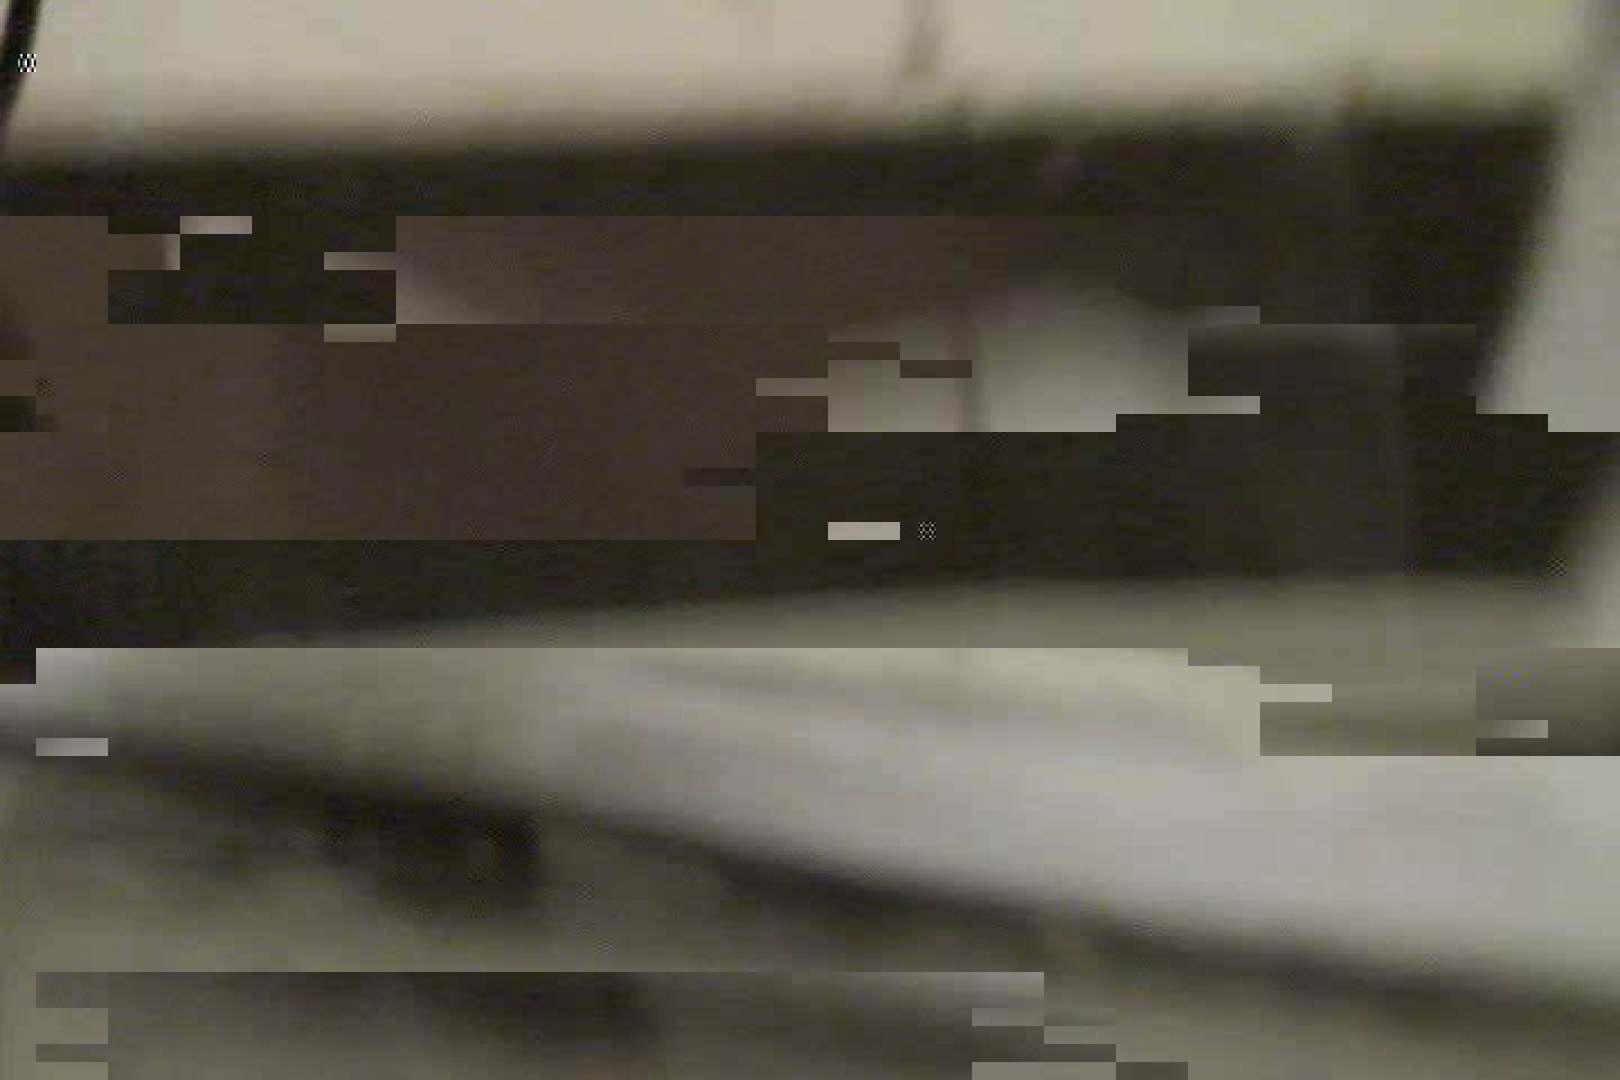 マンコ丸見え女子洗面所Vol.11 丸見え   排便  71PICs 31